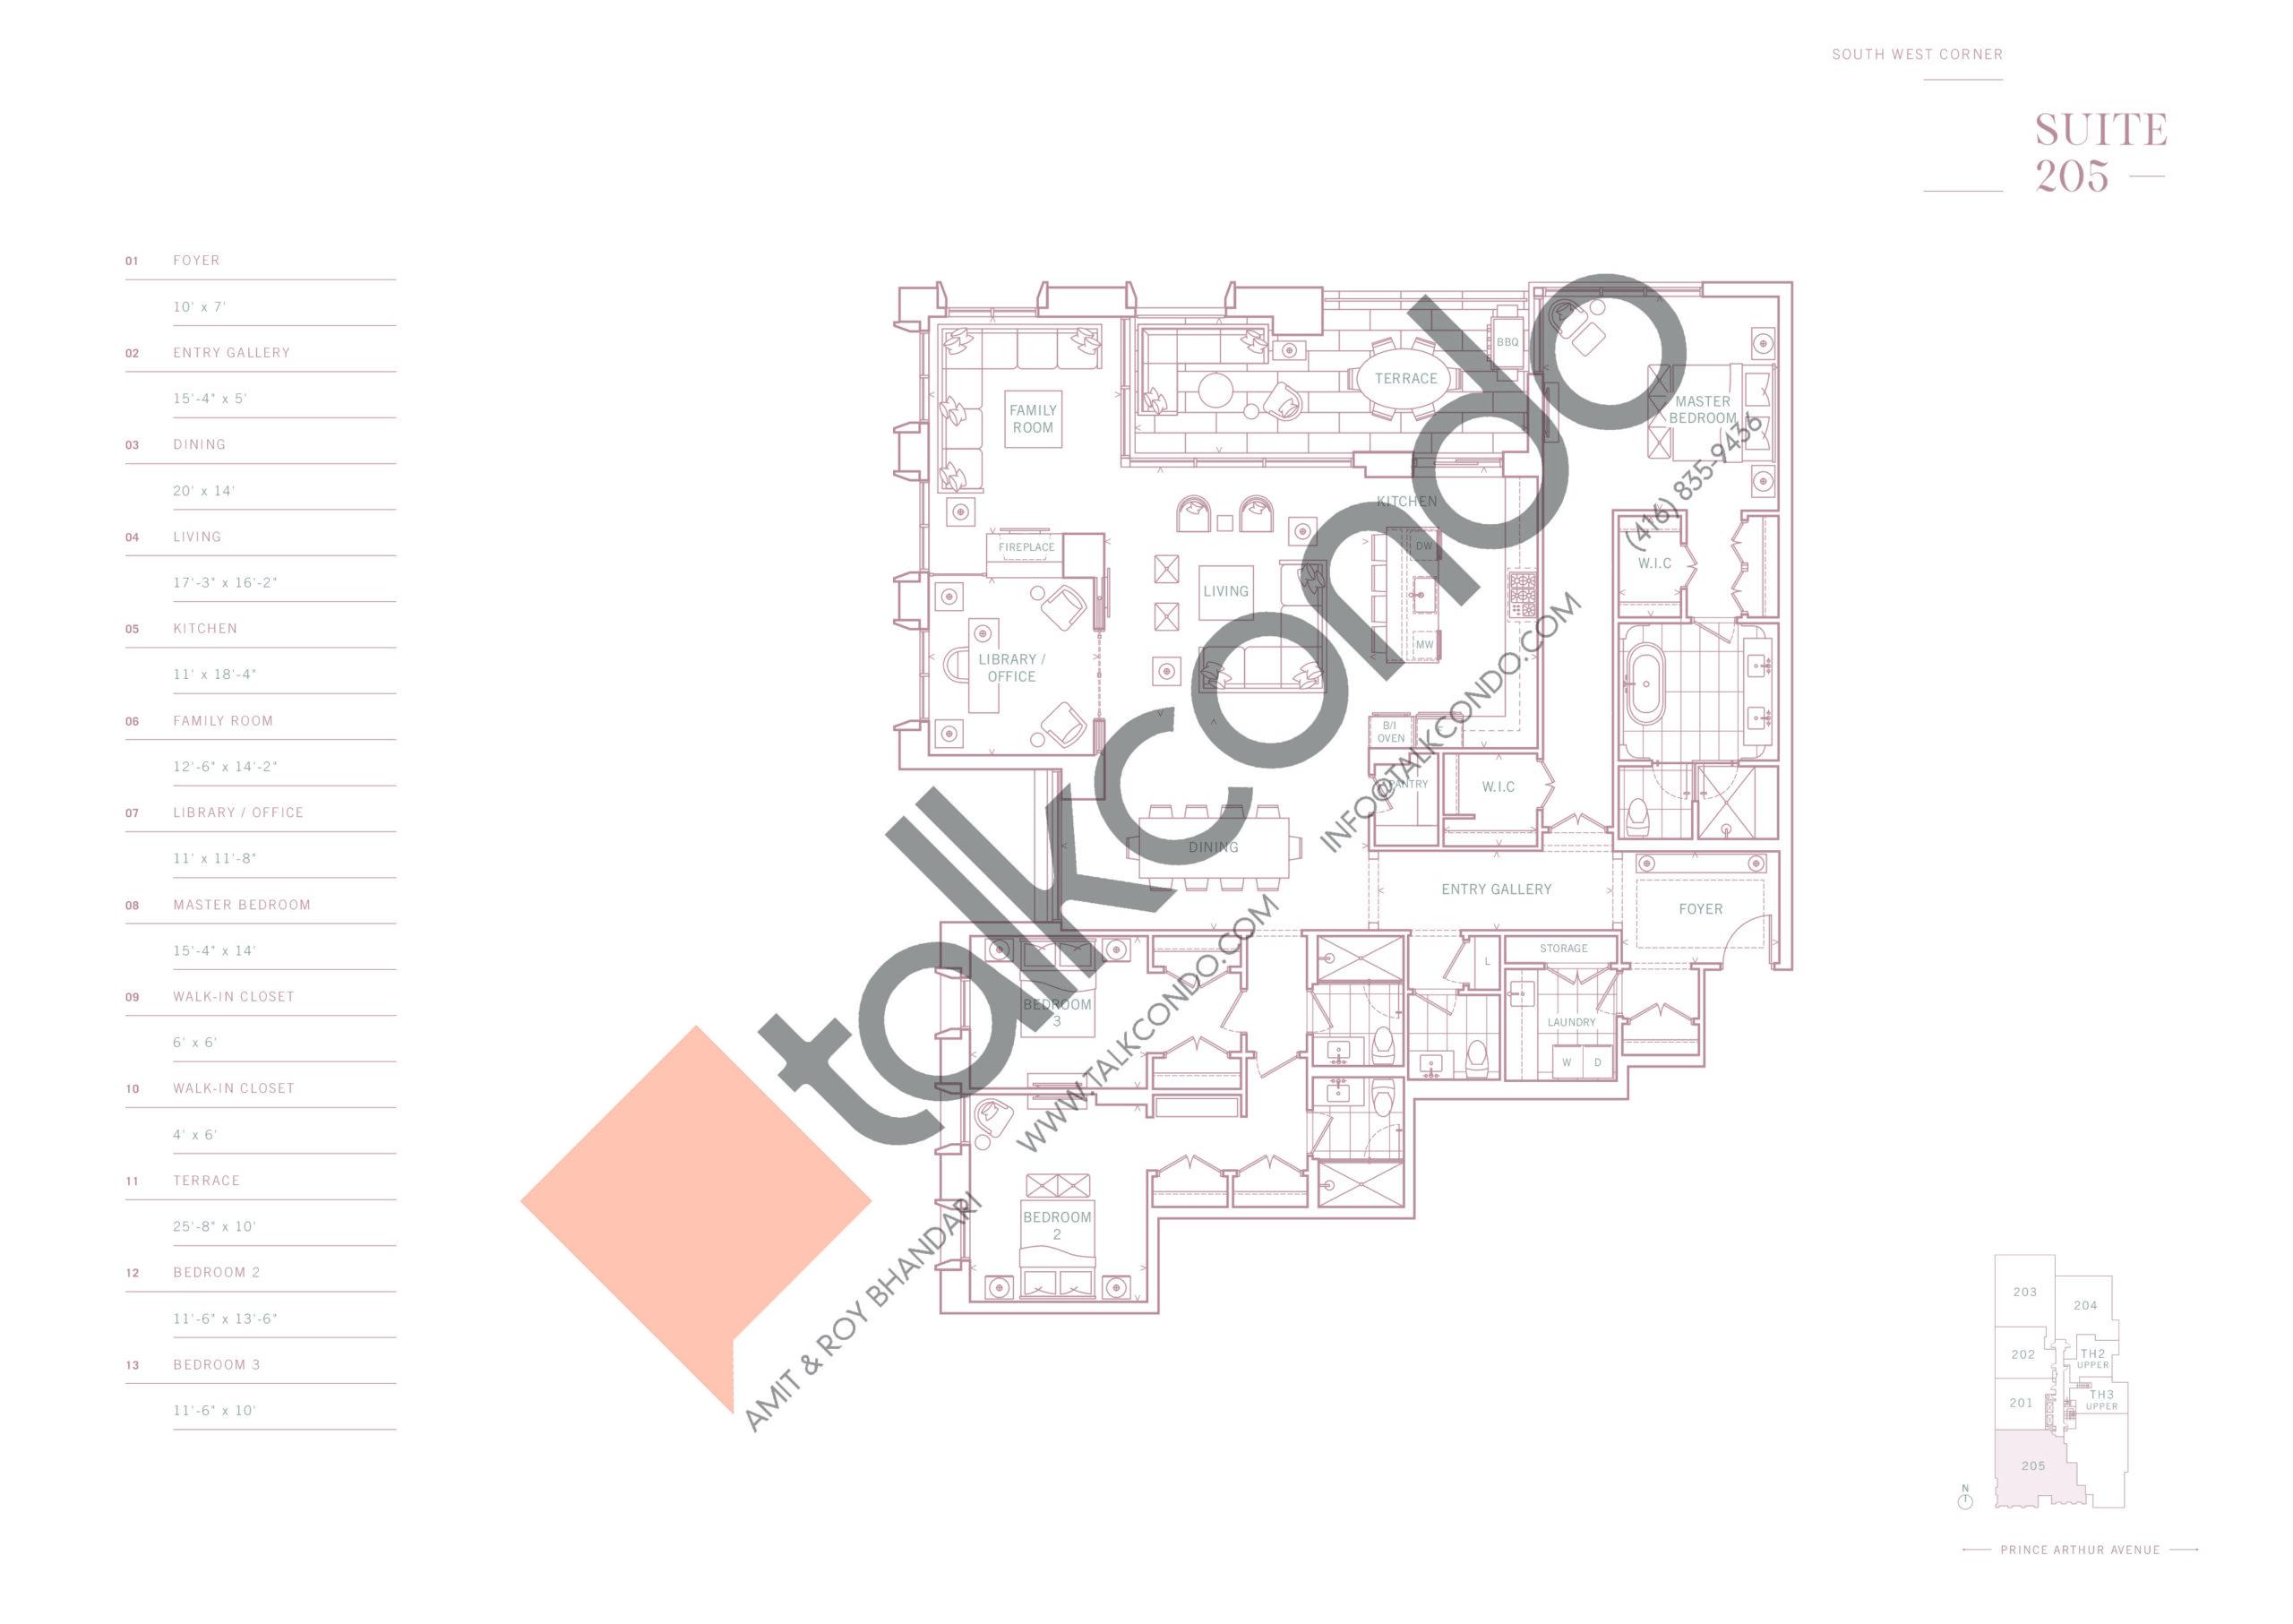 Suite 205 Floor Plan at 10 Prince Arthur Condos - 2886 sq.ft